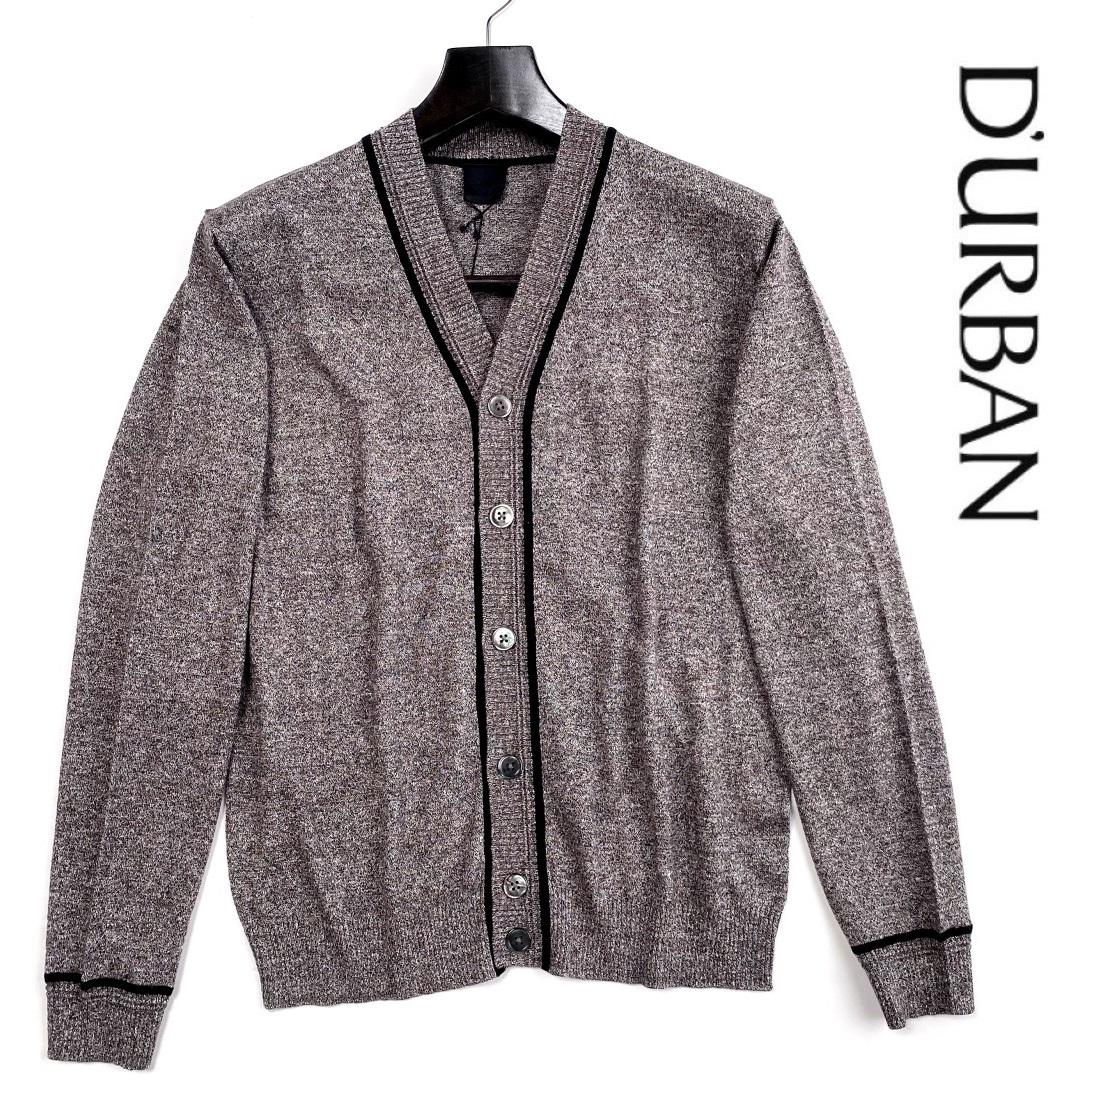 ジャケットのインナーにもオススメの一枚 高品質 国内送料無料 D'URBAN ダーバン シェル釦リネン混コットン素材ブラウン系 天竺編みニットカーディガン貝釦